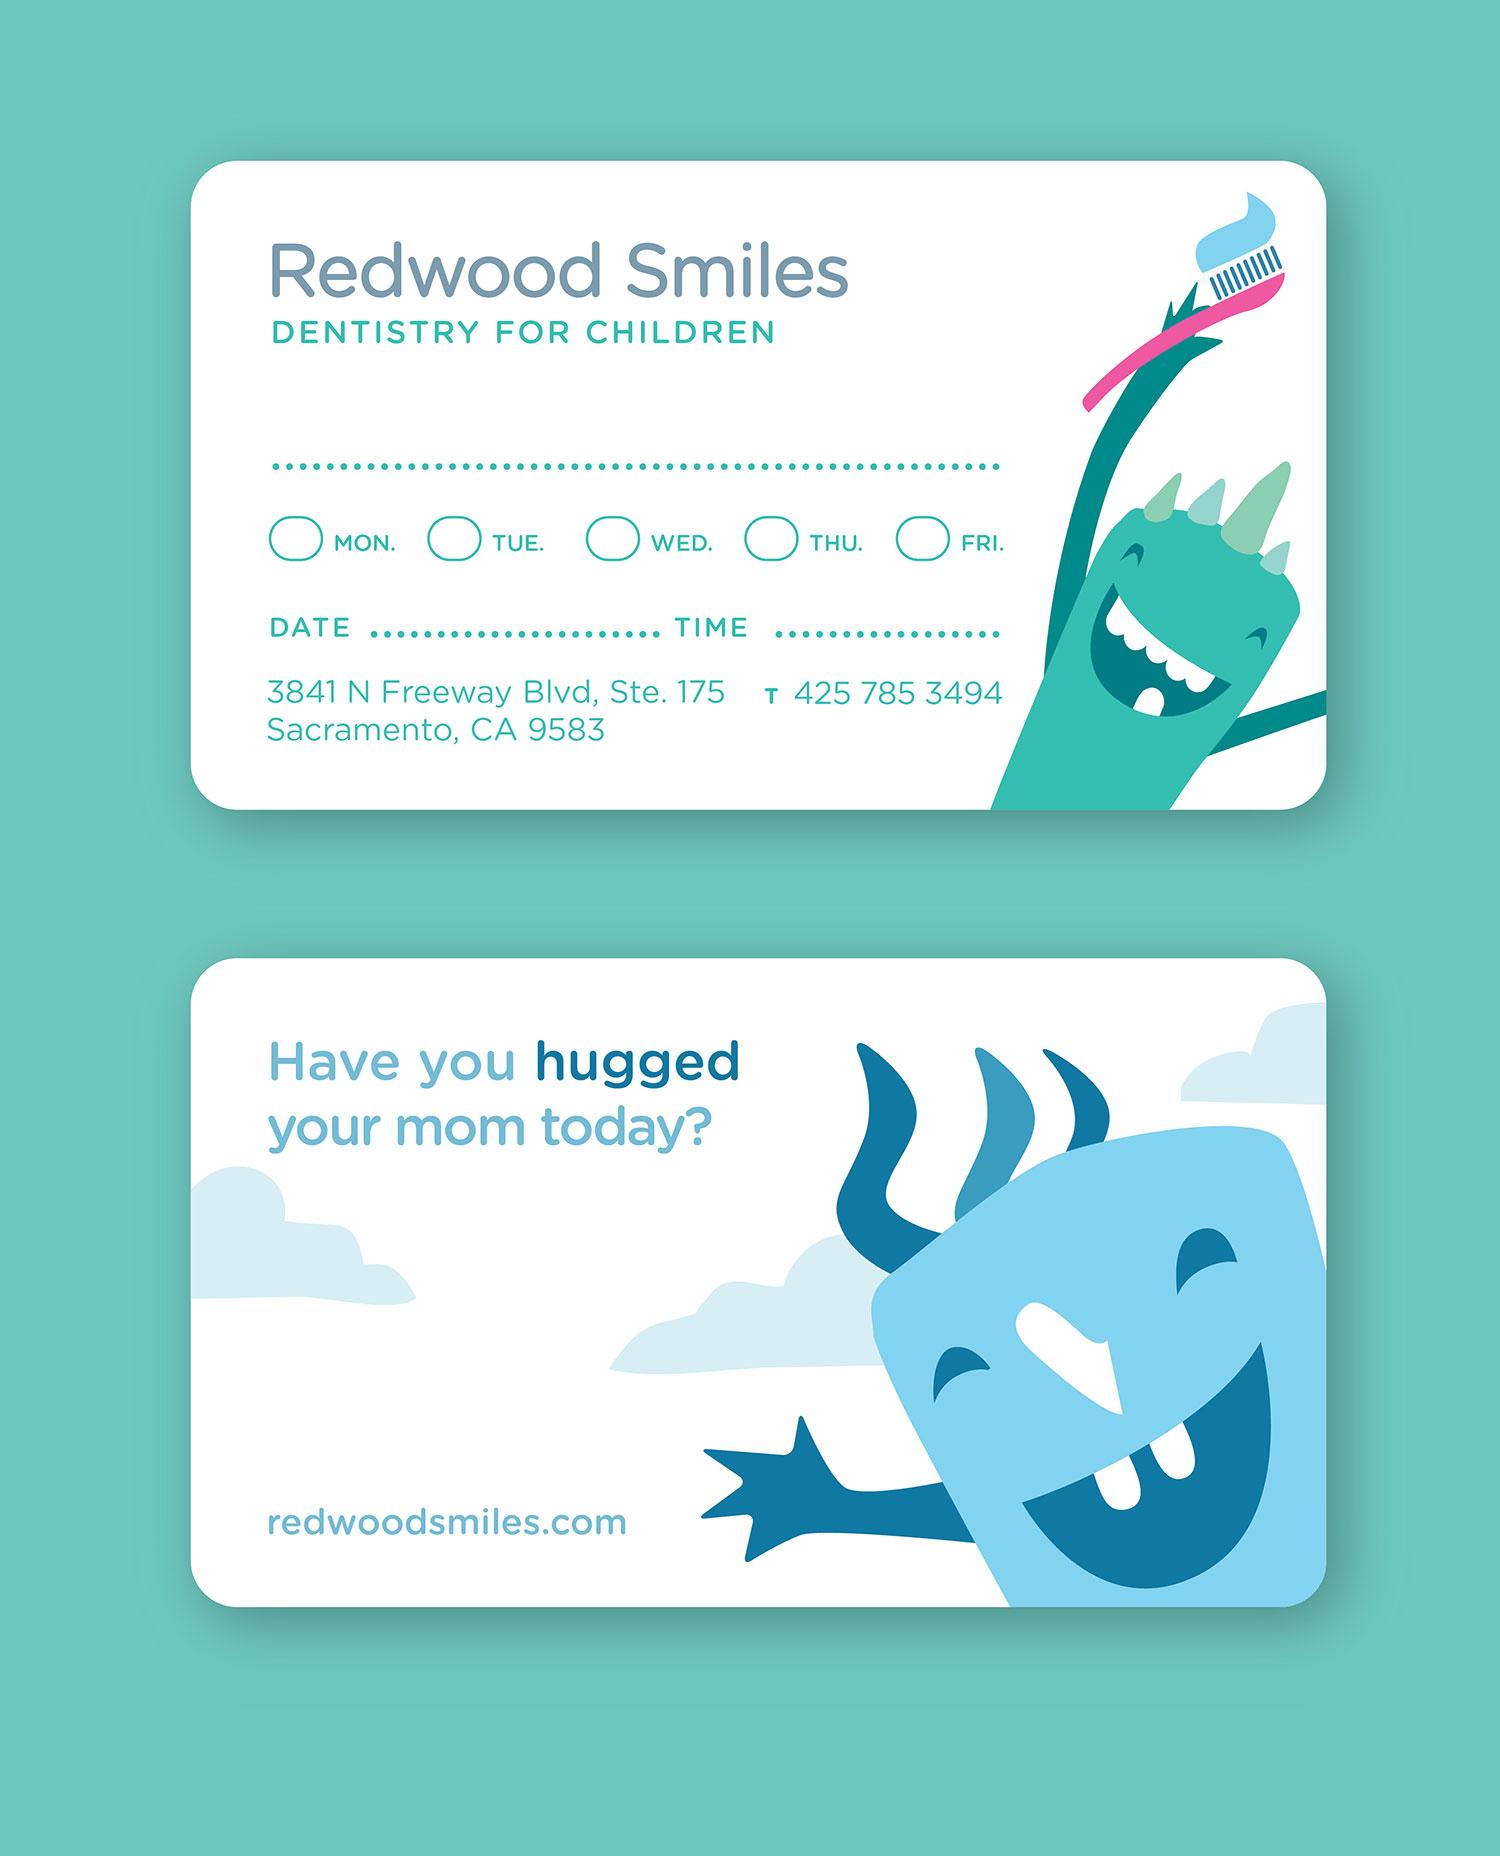 Redwood-Smiles-Brand-Identity-Yuri-Shvets-Alt.jpg